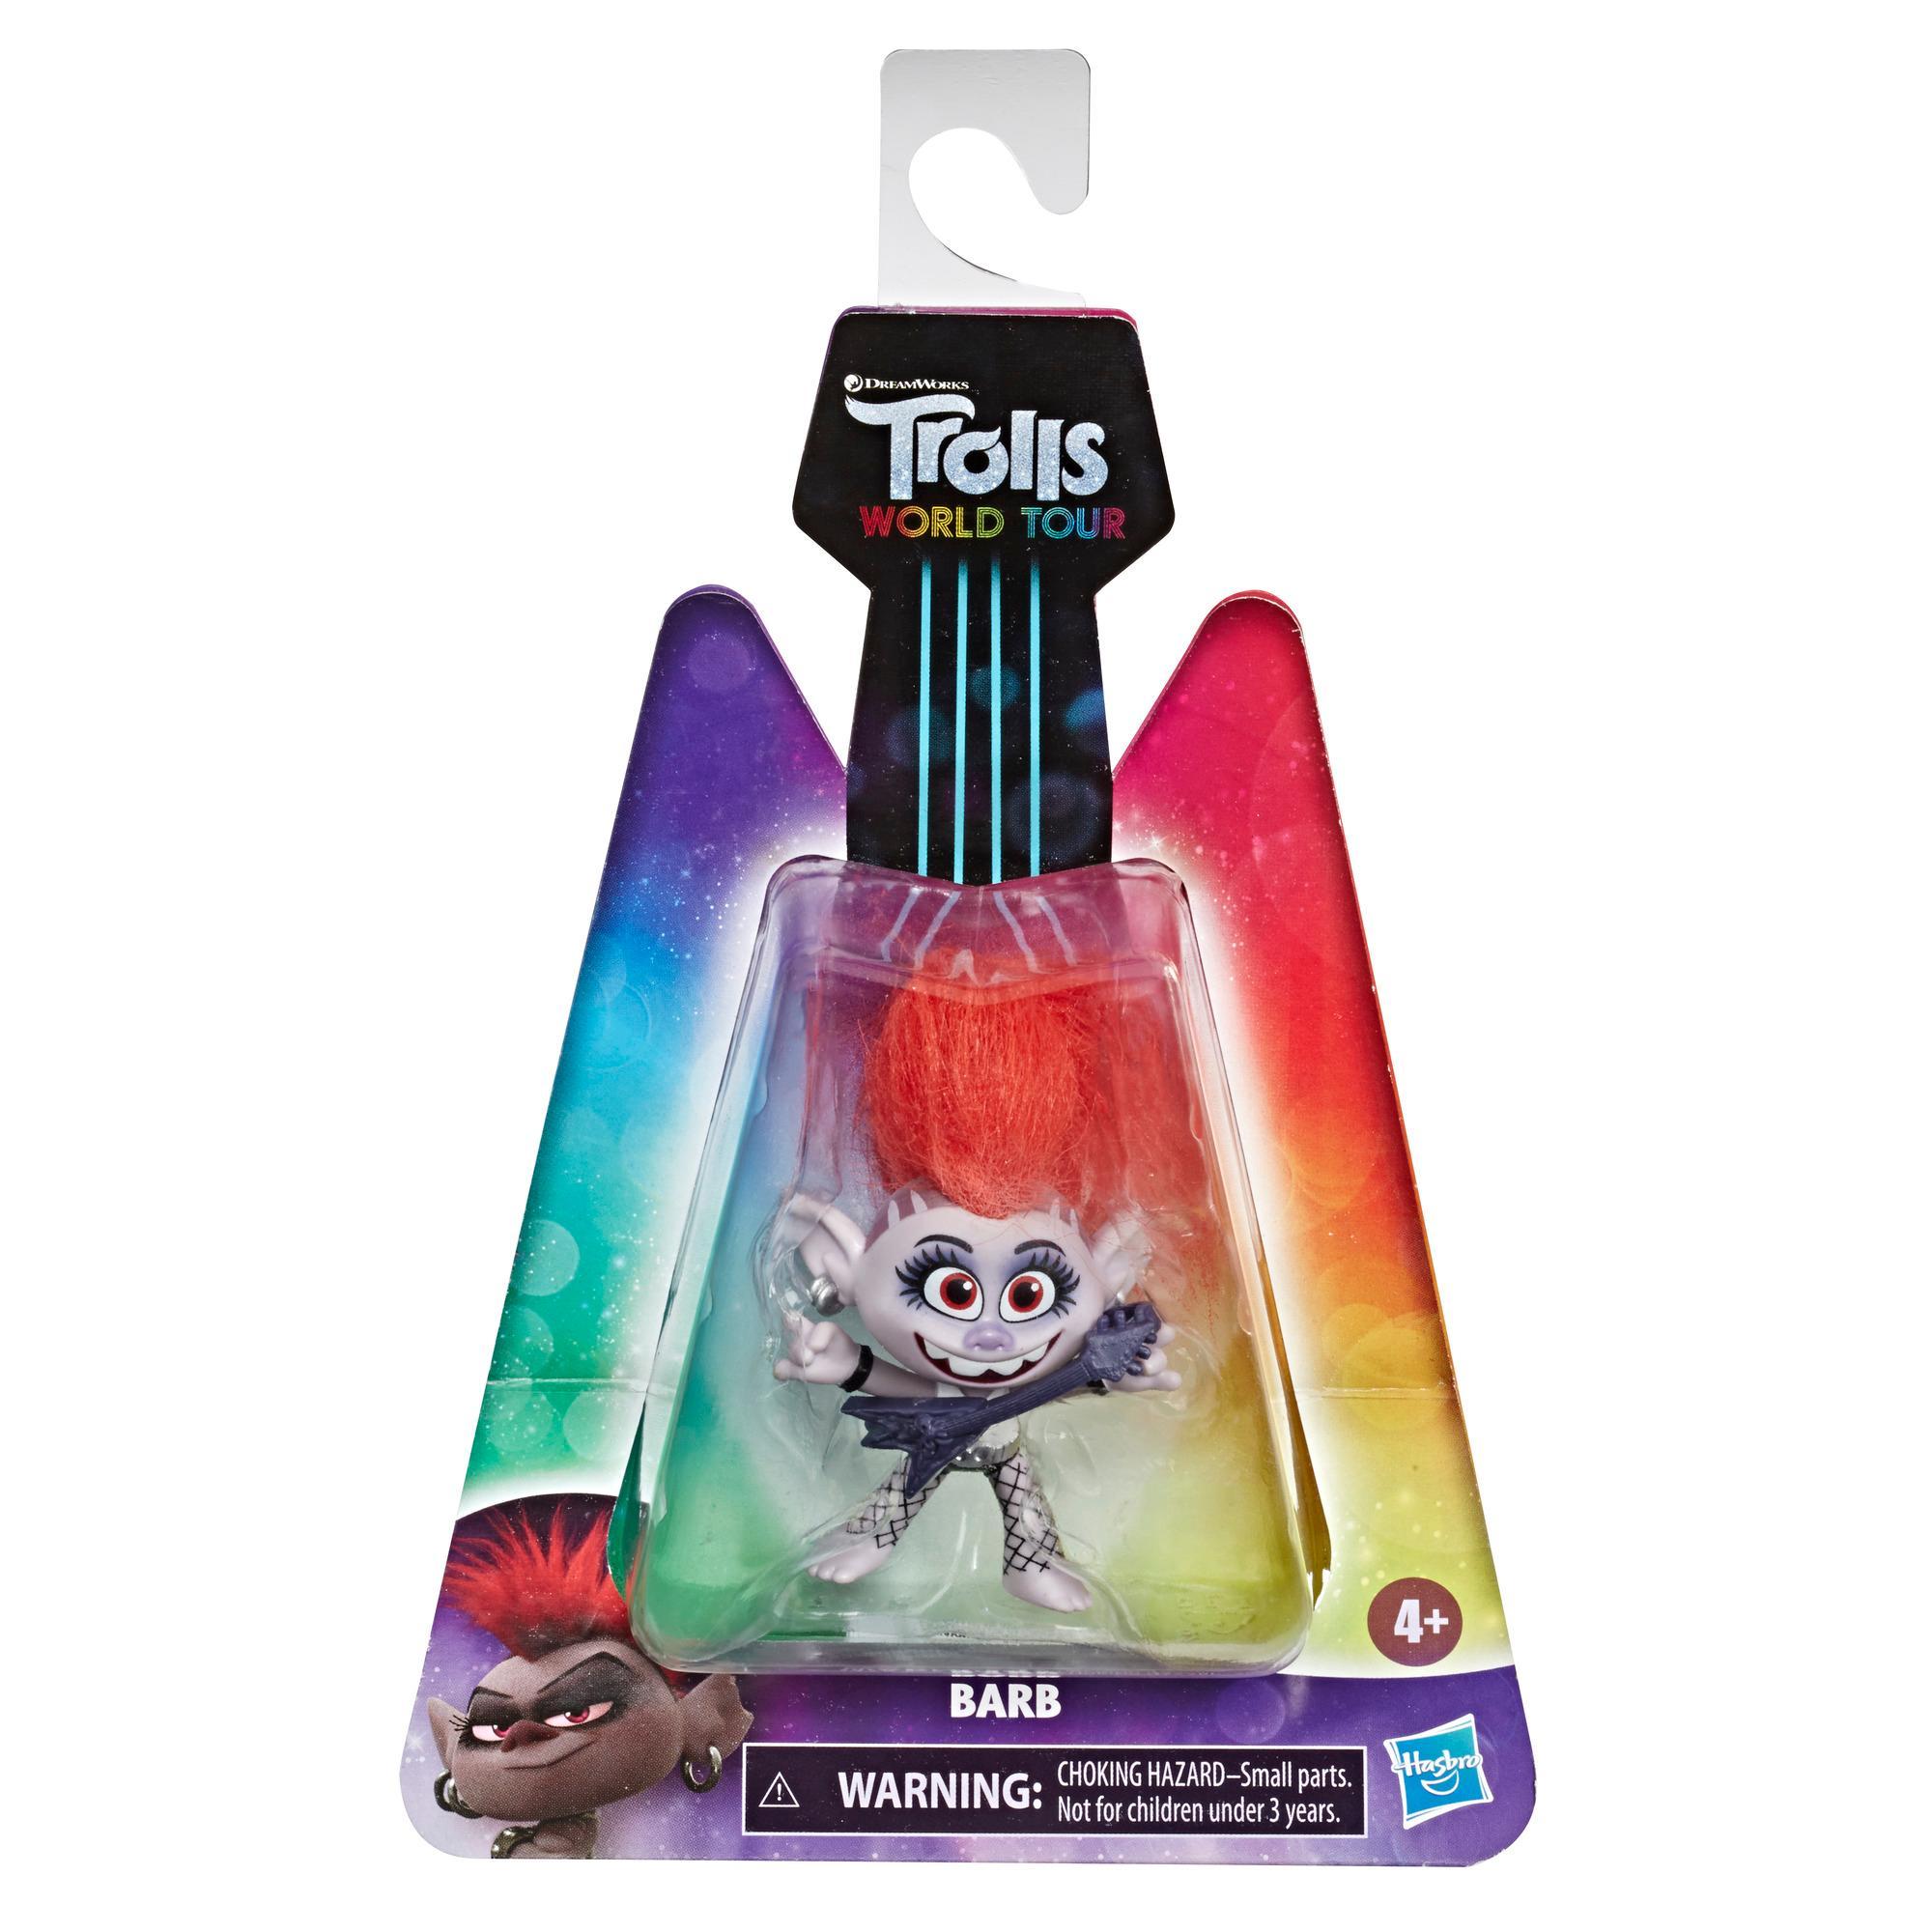 DreamWorks Trolls World Tour - Barb - Figura de Barb con guitarra - Juguete inspirado en la película Trolls 2